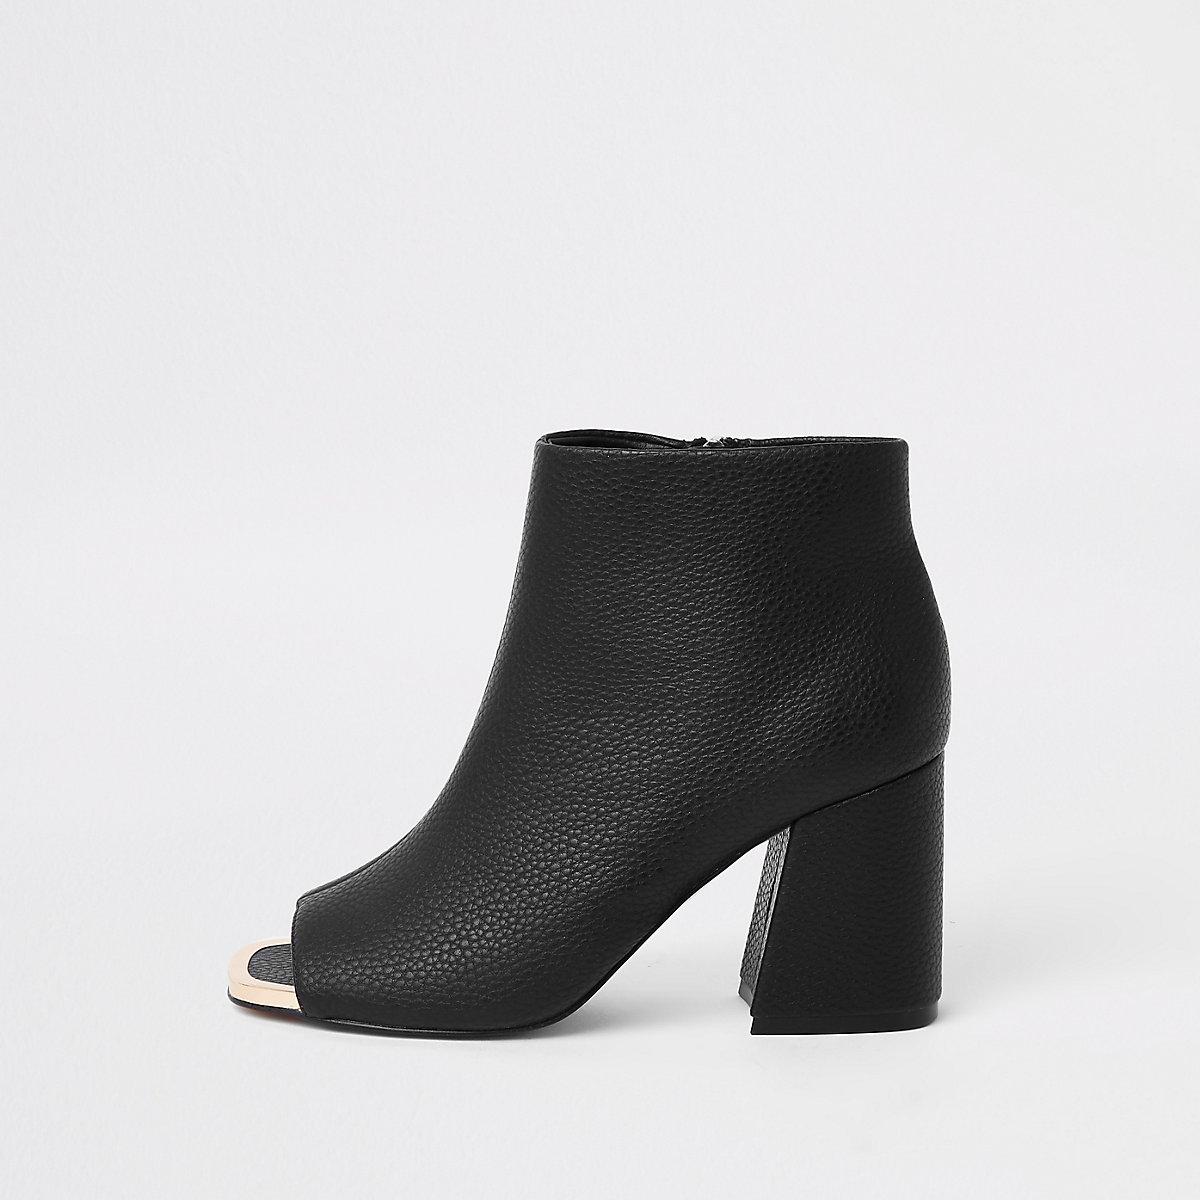 Black faux leather open toe shoe boots